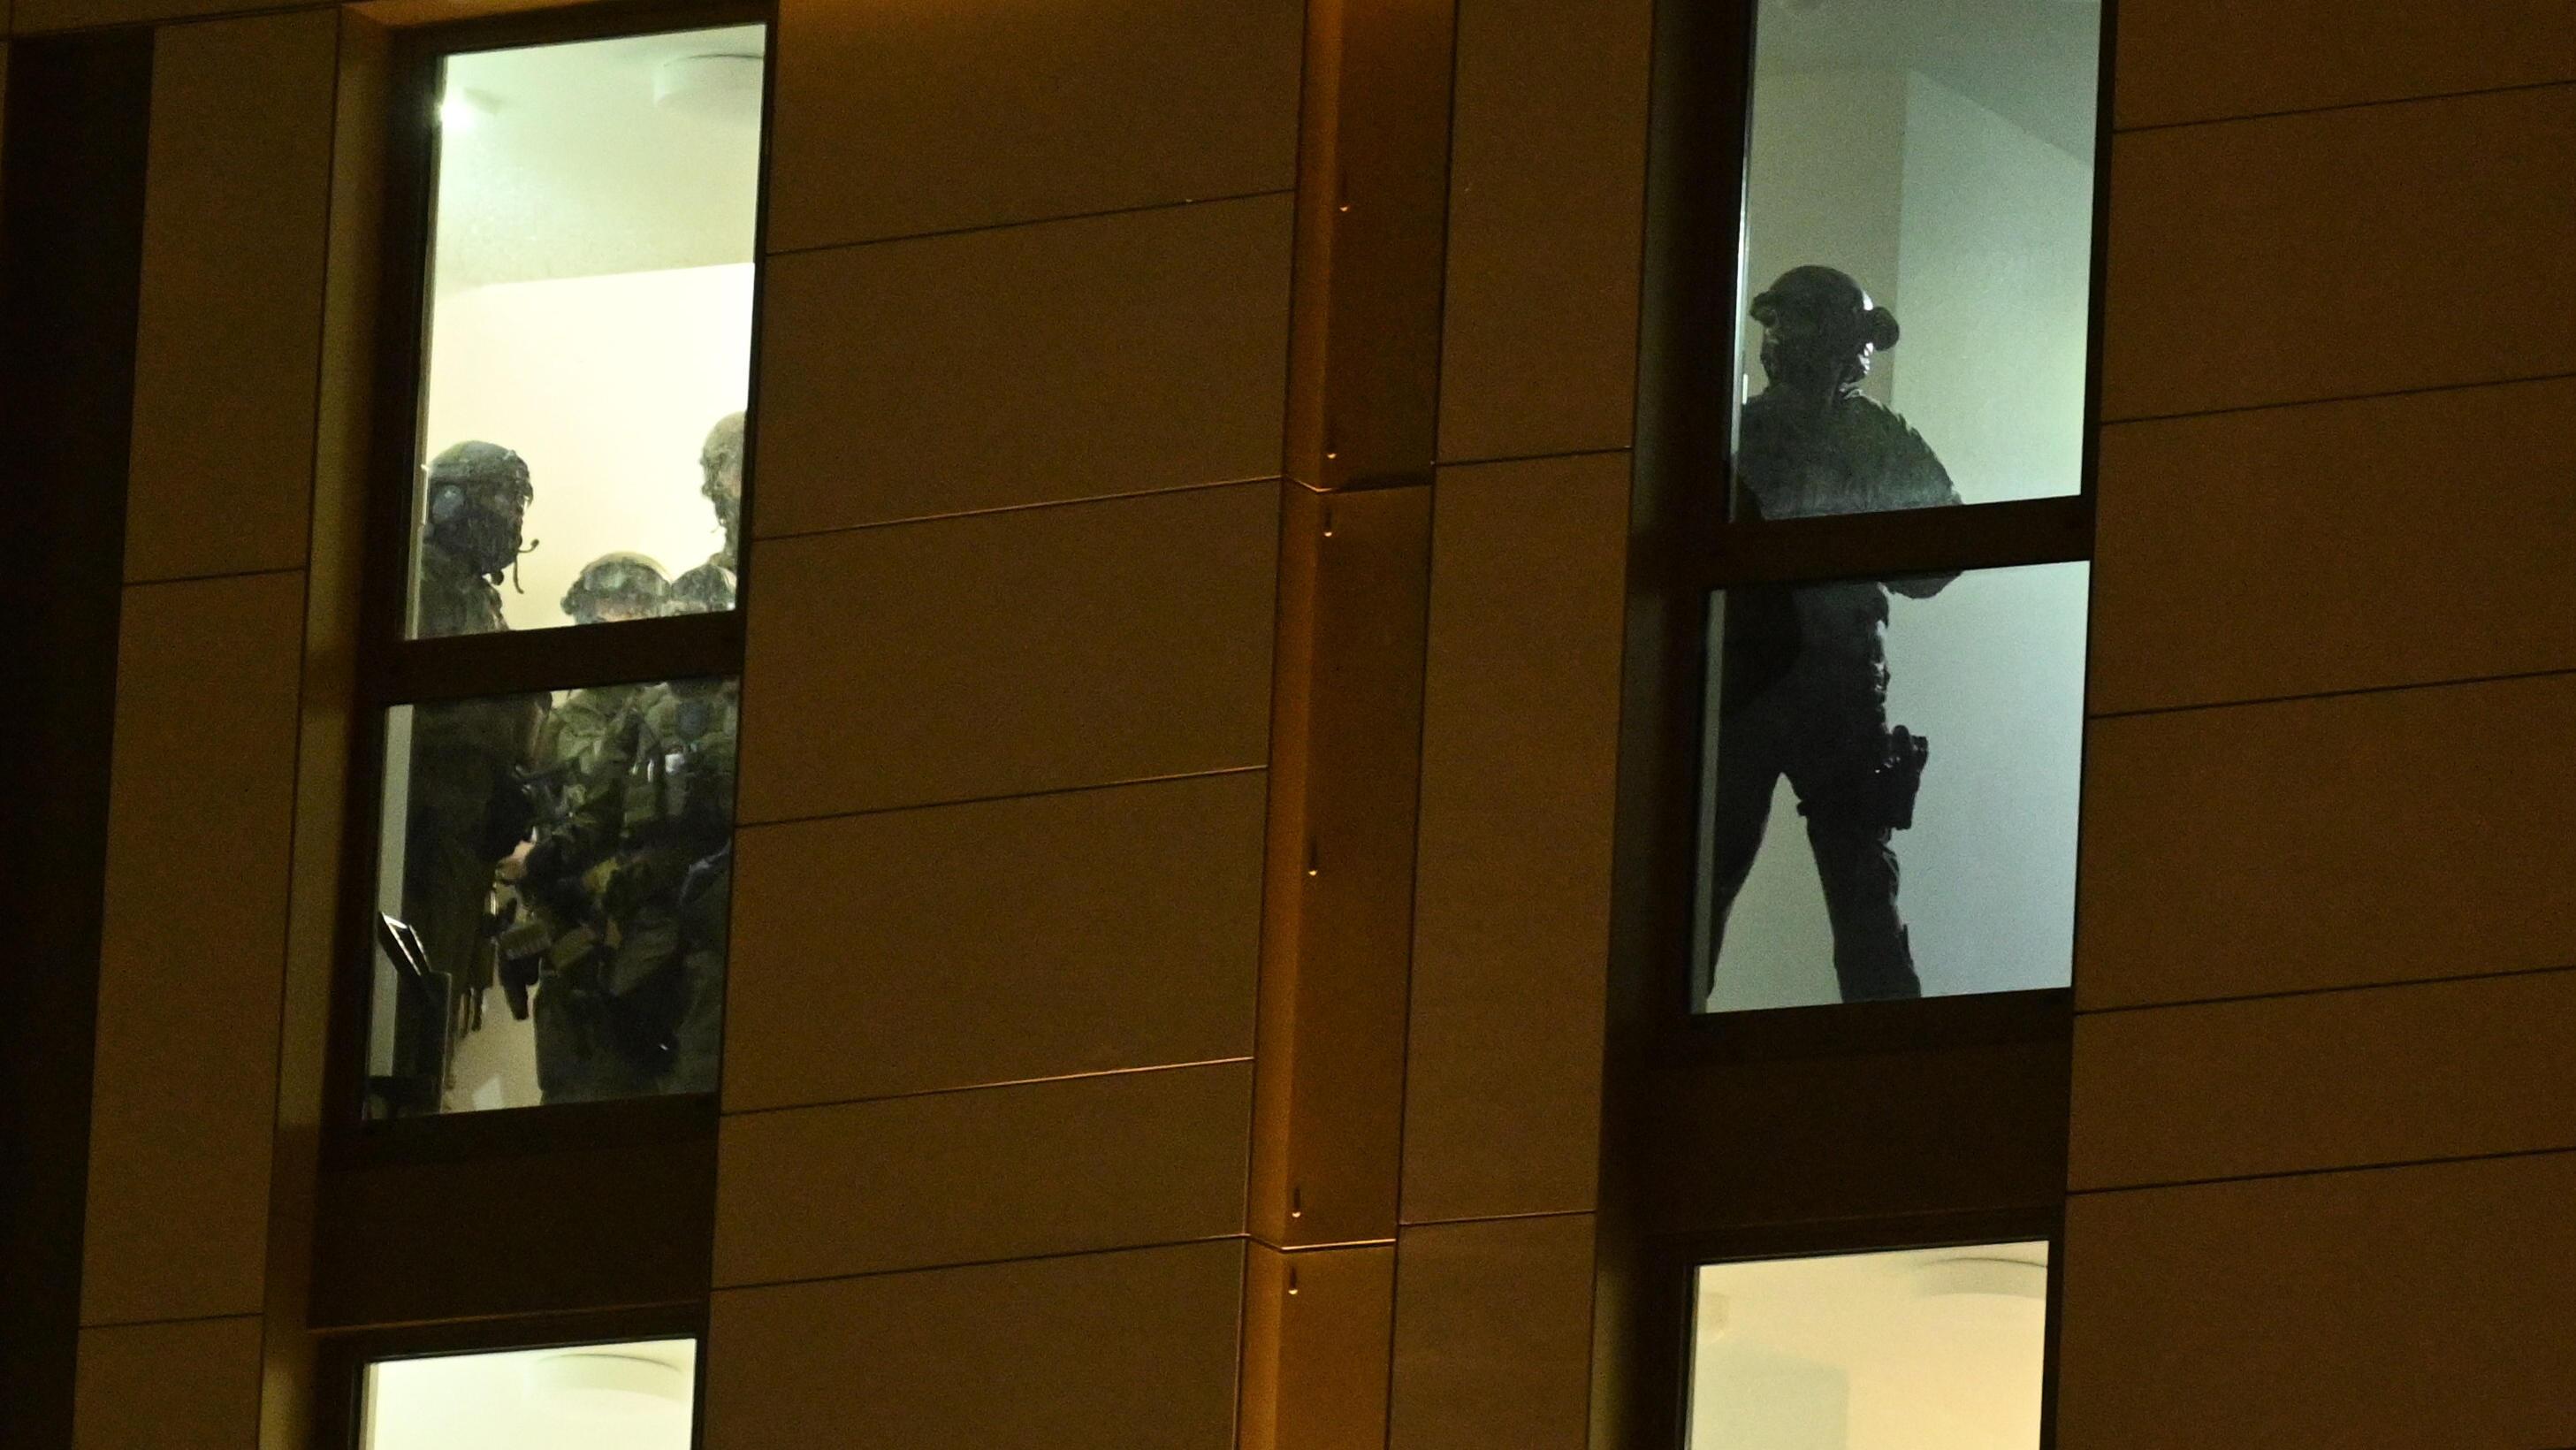 Spezialkräfte der Polizei während ihres Einsatzes in einem Düsseldorfer Hotel